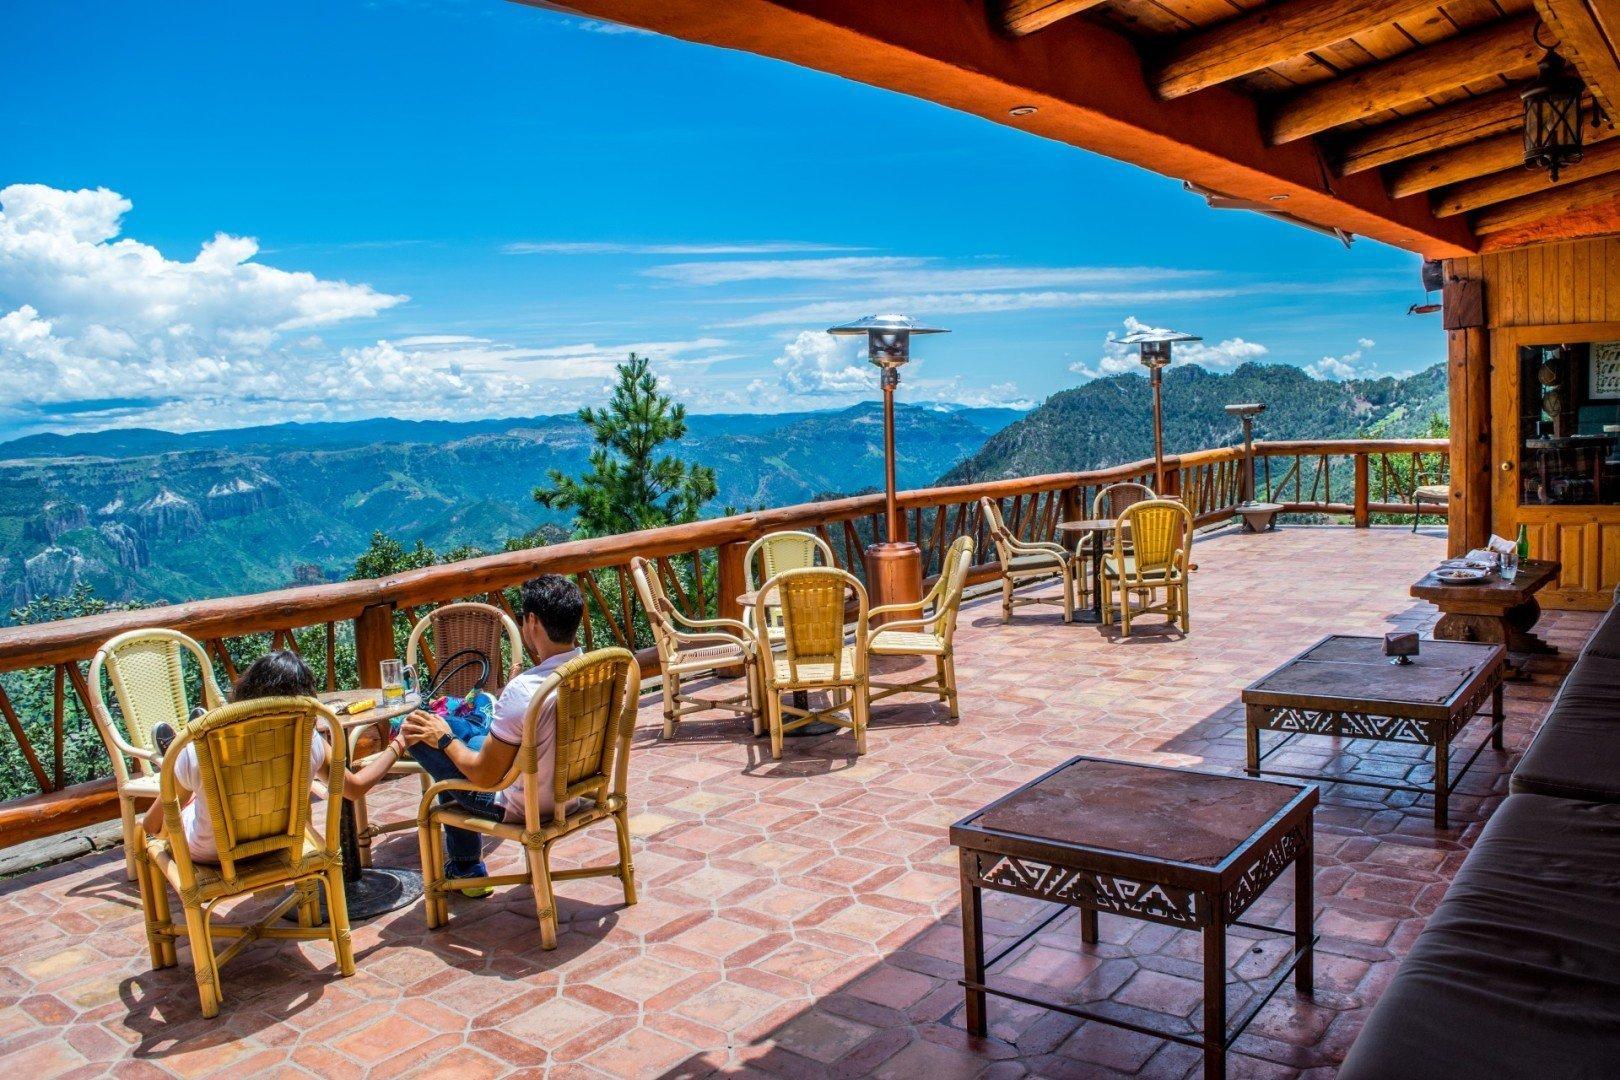 Hotel Mirador Barrancas del Cobre